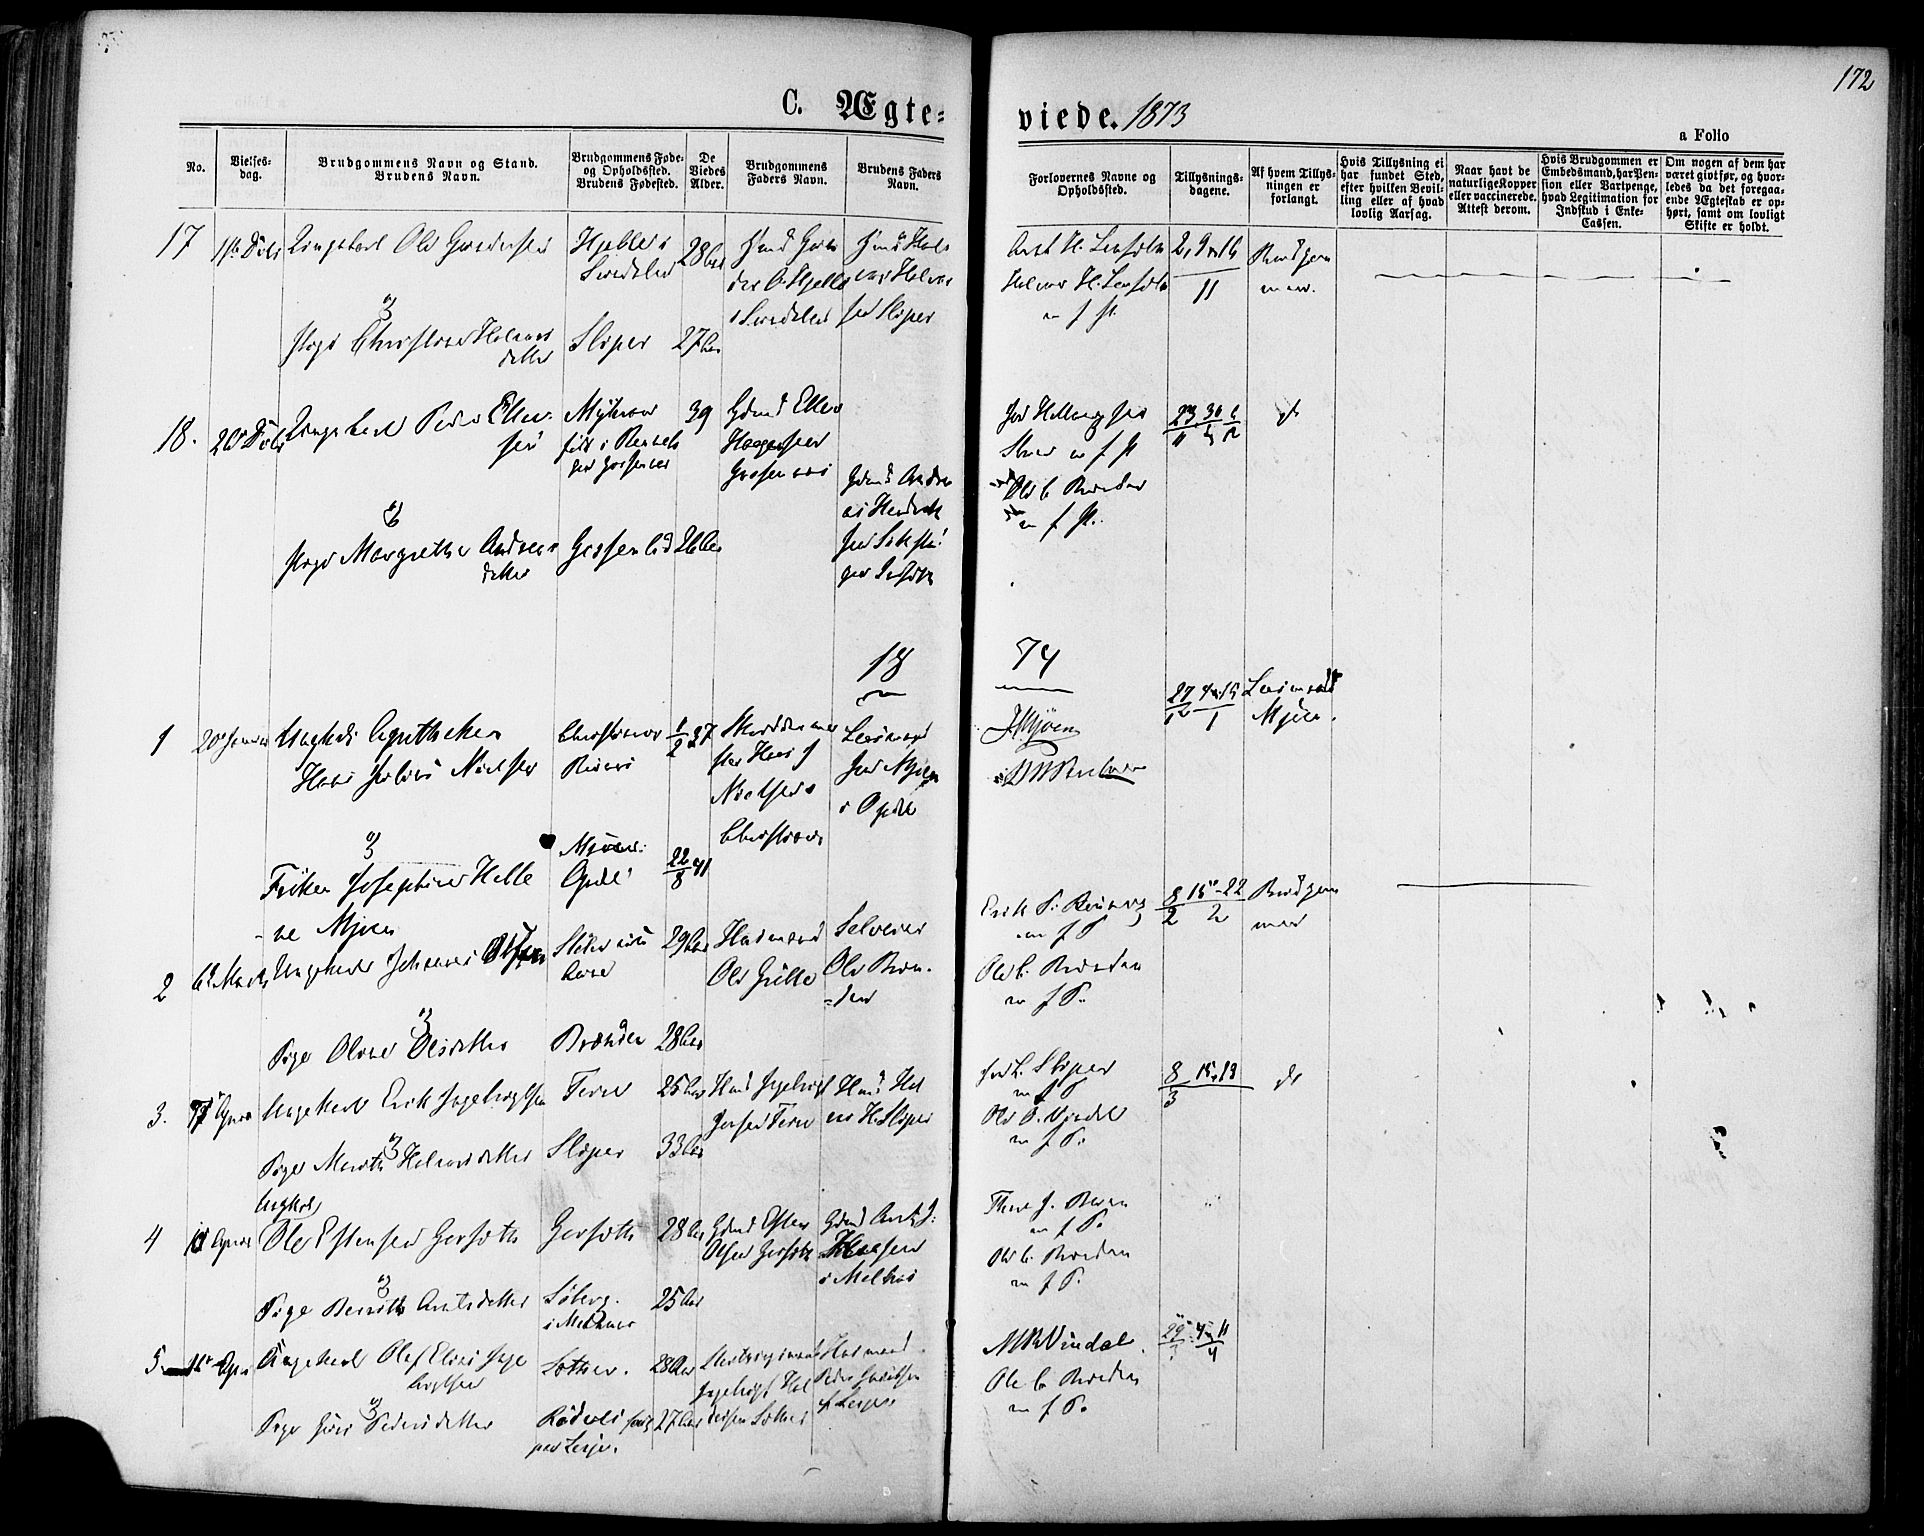 SAT, Ministerialprotokoller, klokkerbøker og fødselsregistre - Sør-Trøndelag, 678/L0900: Ministerialbok nr. 678A09, 1872-1881, s. 172